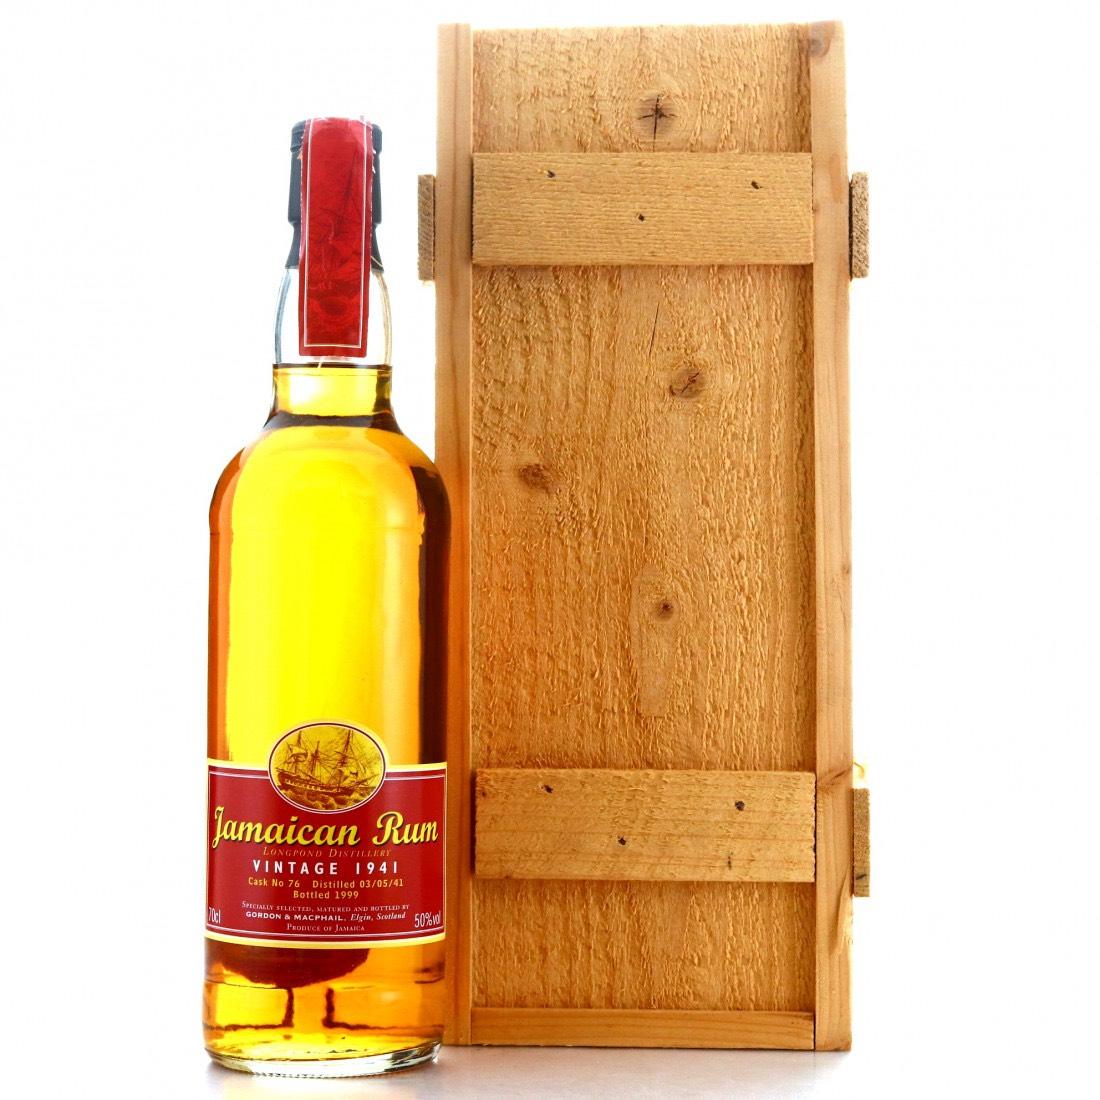 Bottle image of Jamaica Rum